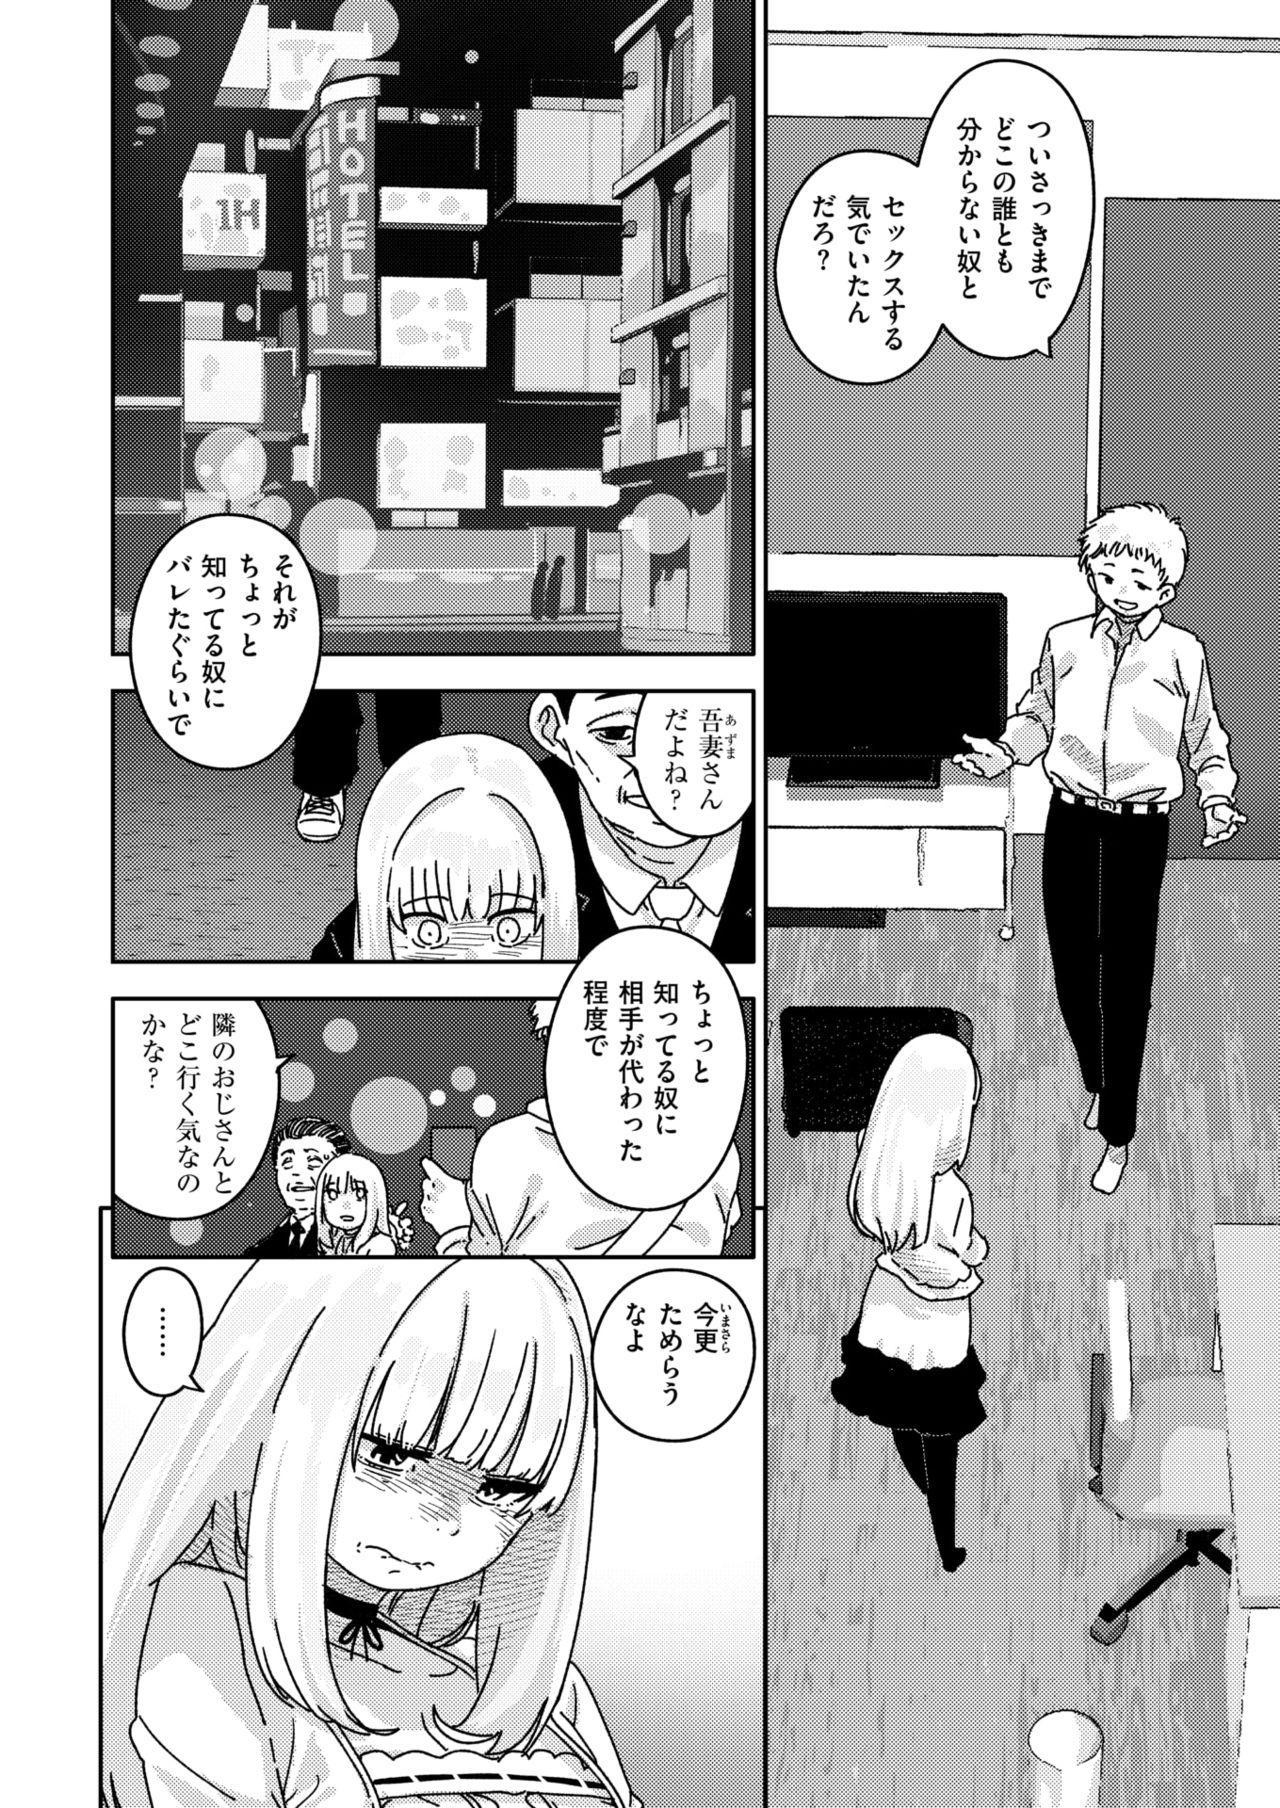 COMIC Kairakuten 2019-01 278